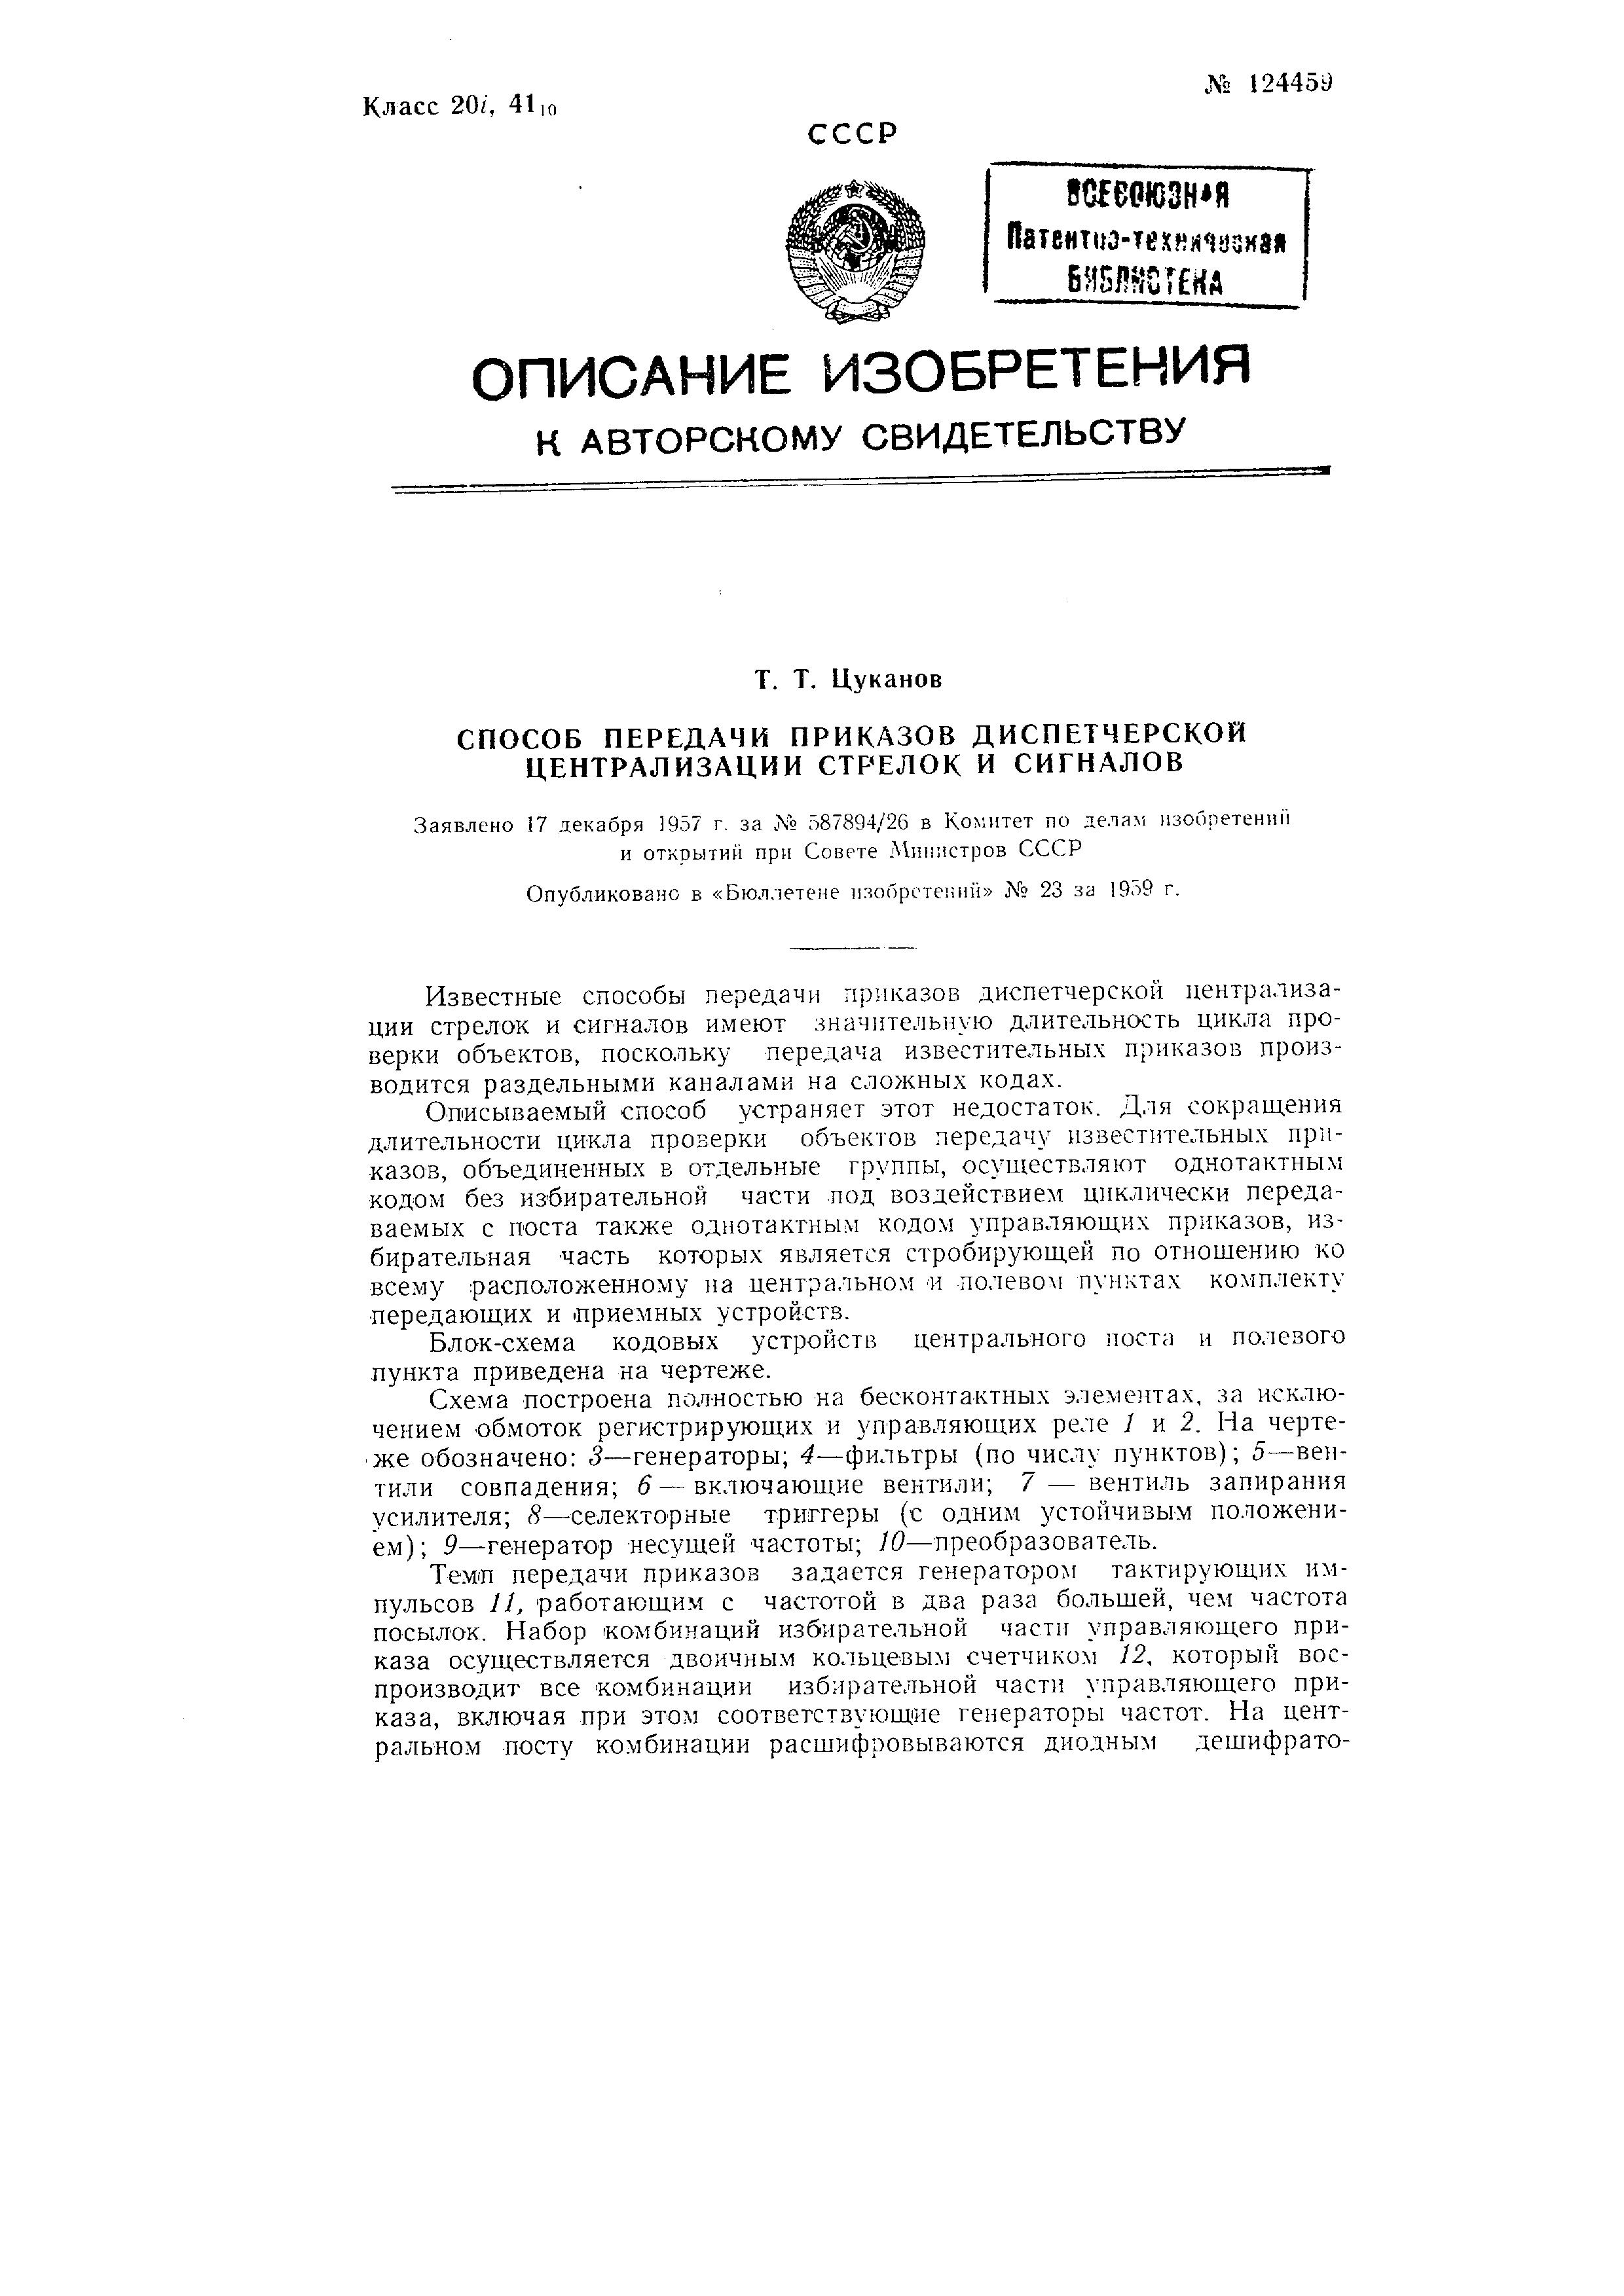 Сублицензионный договор - Санкт-Петербургская Валютная